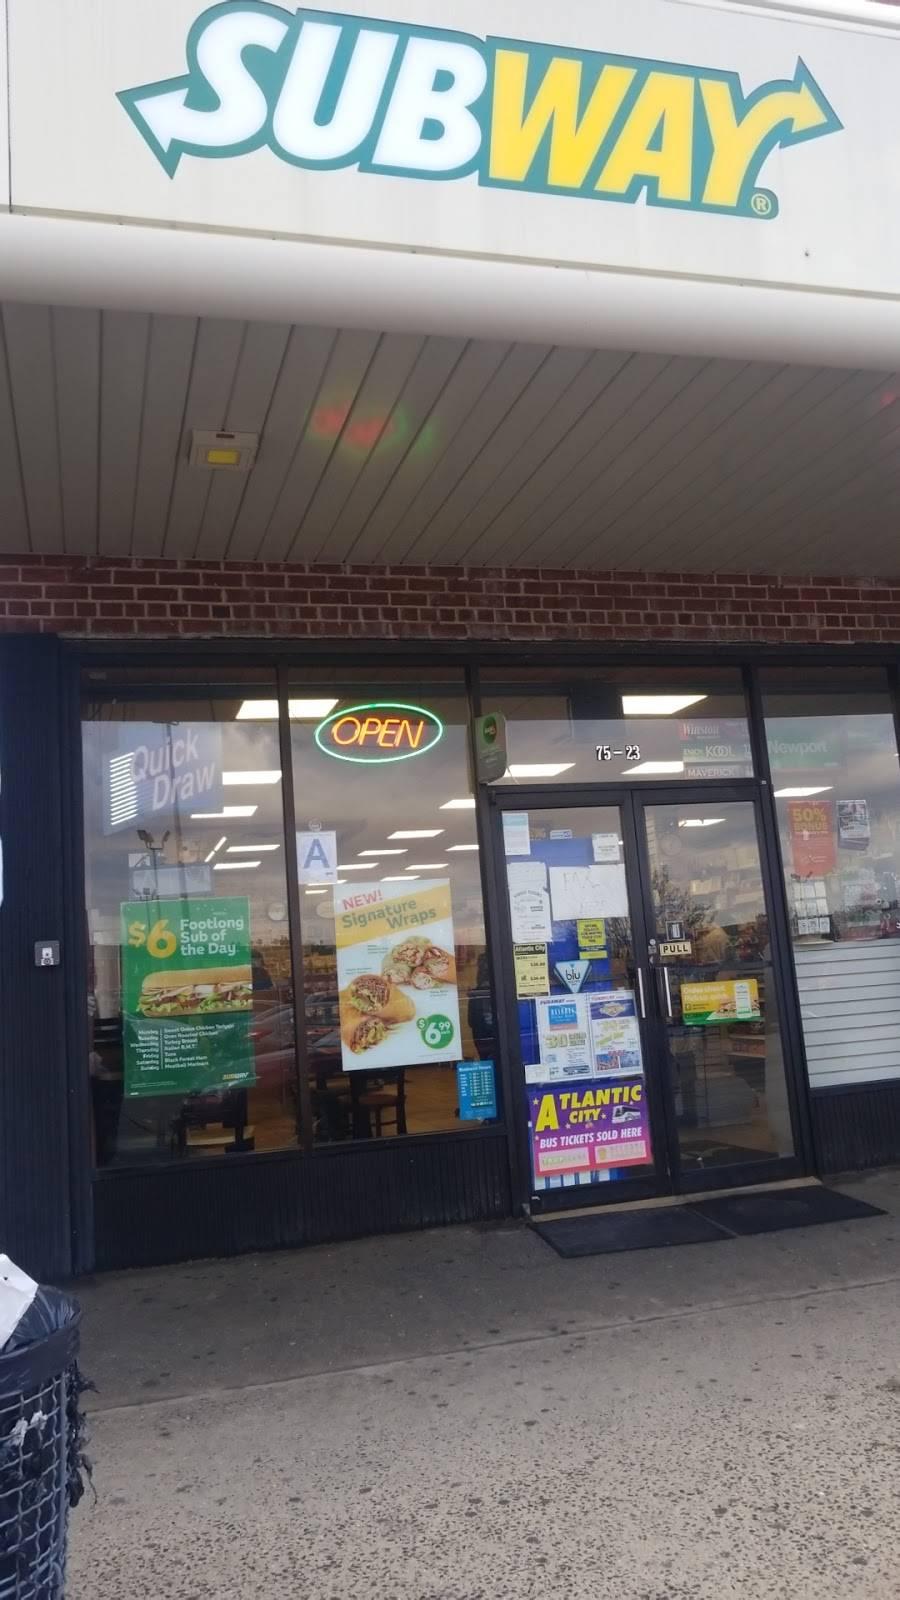 Subway Restaurants | restaurant | 75-23 31st Ave, East Elmhurst, NY 11370, USA | 7184589778 OR +1 718-458-9778